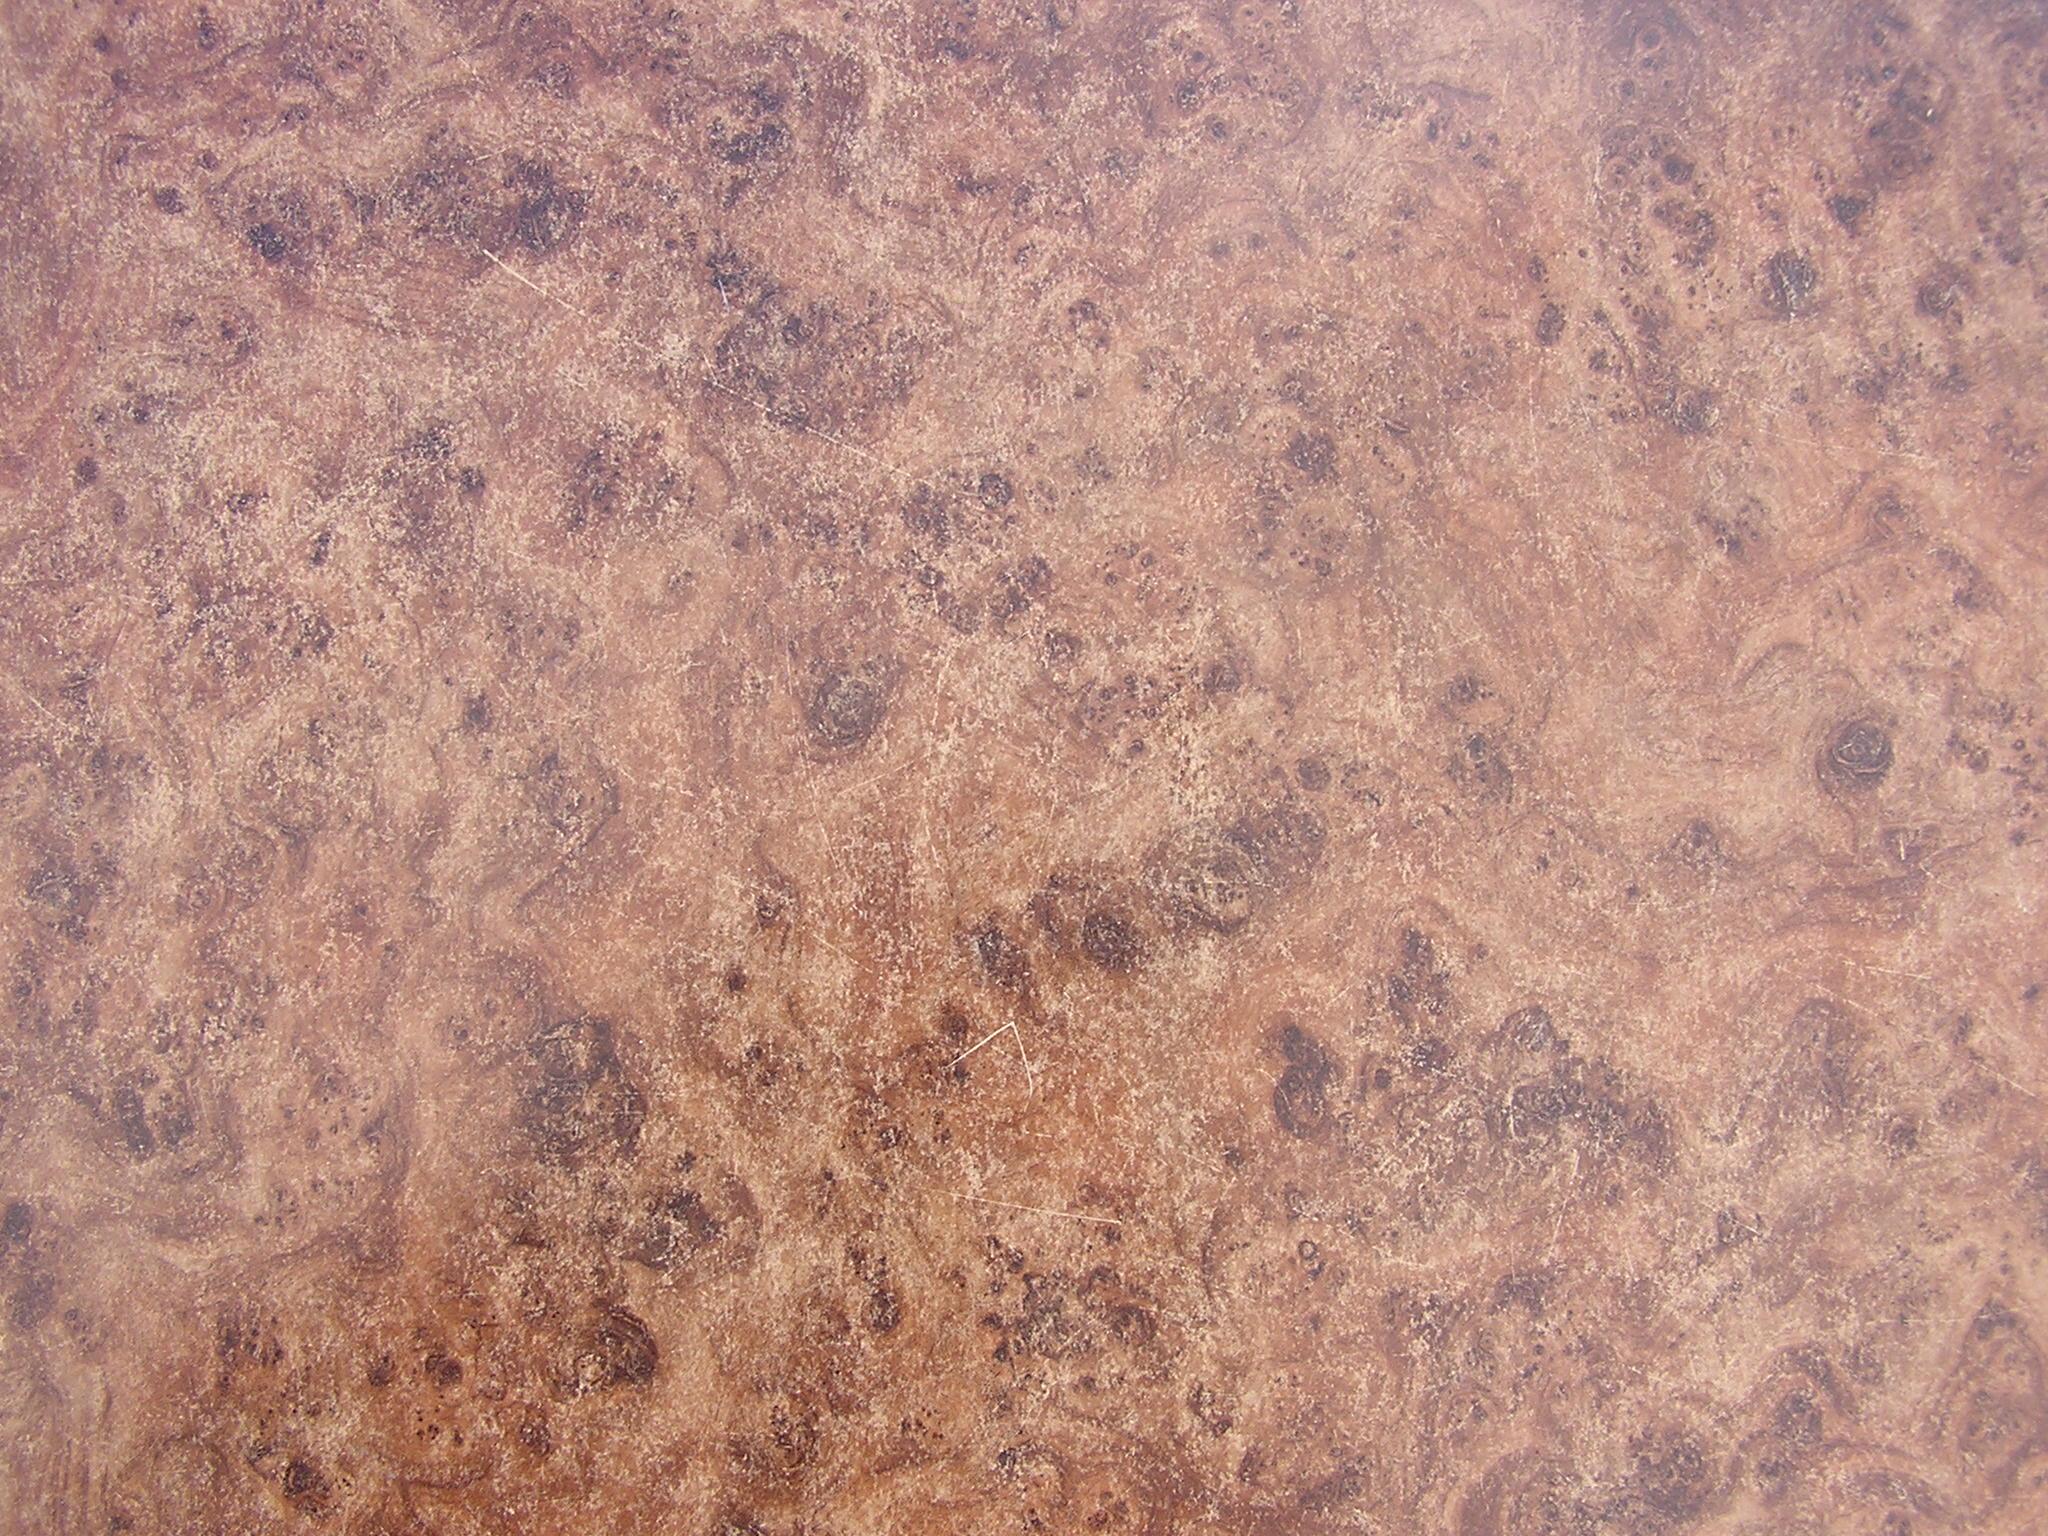 C mo limpiar pisos de m rmol ideas limpieza for Productos para limpiar marmol